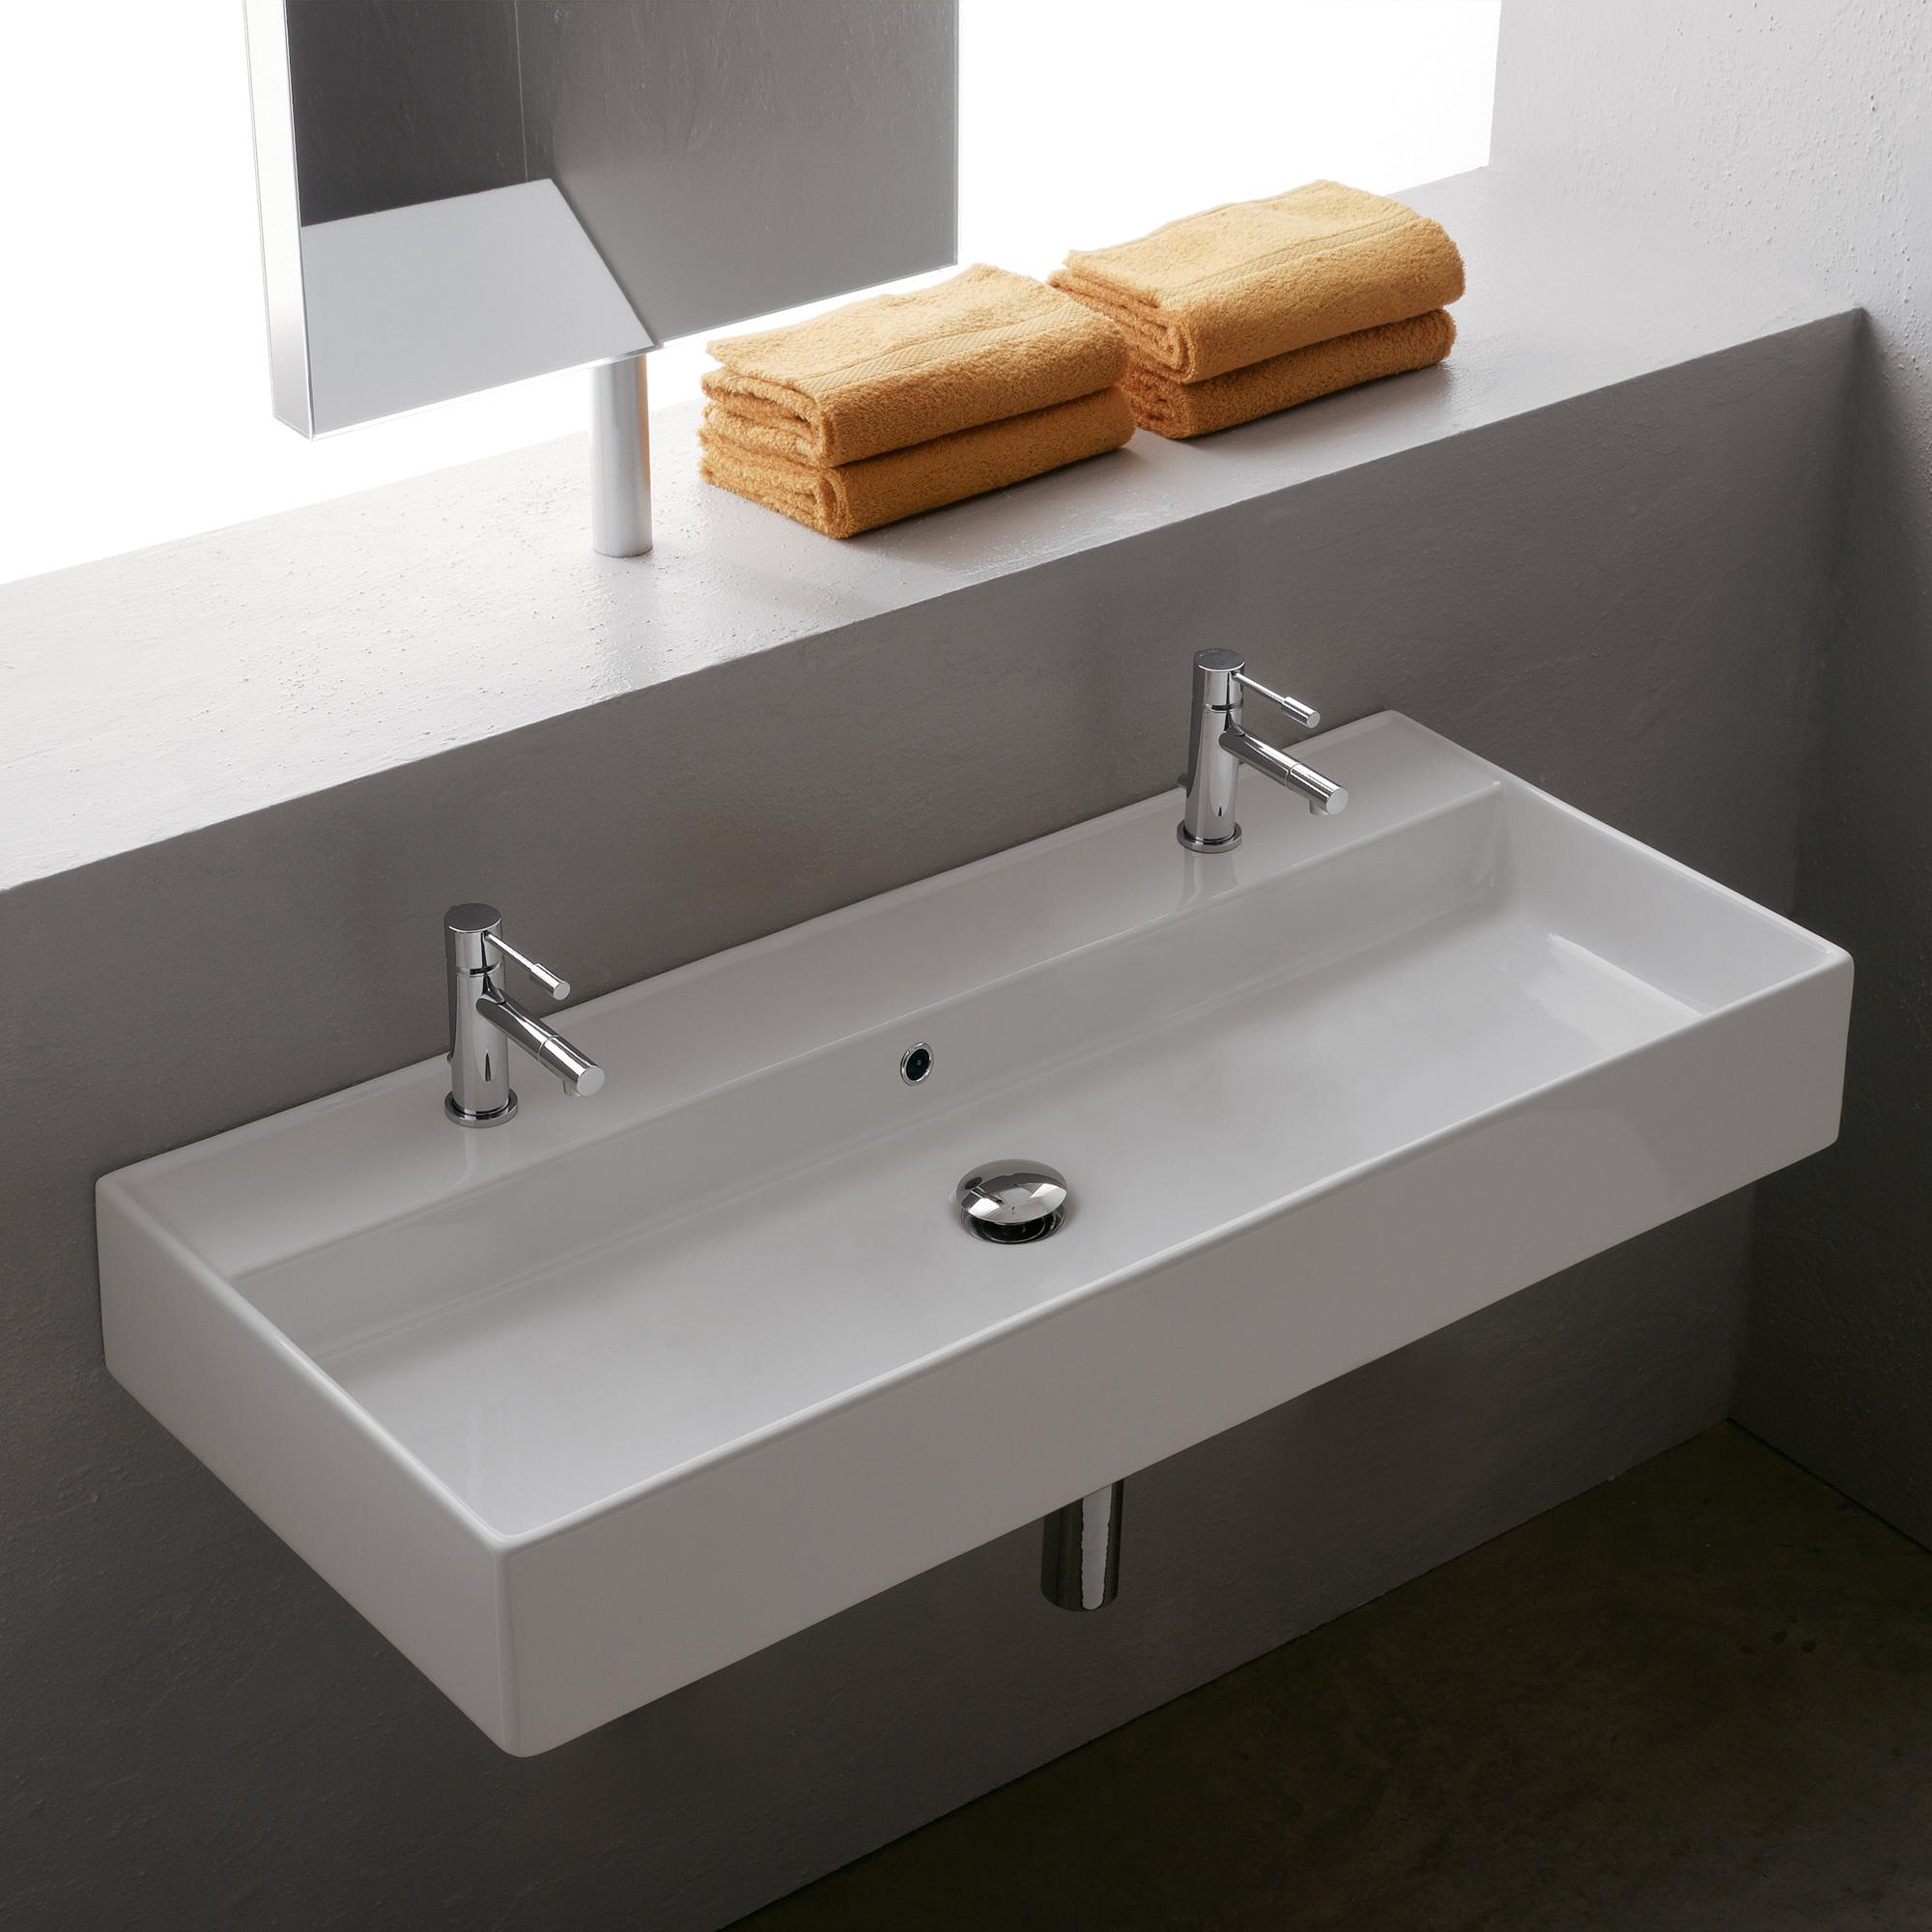 scarabeo teorema r 100 b waschtisch b 100 t 46 cm 8031r100b reuter onlineshop. Black Bedroom Furniture Sets. Home Design Ideas